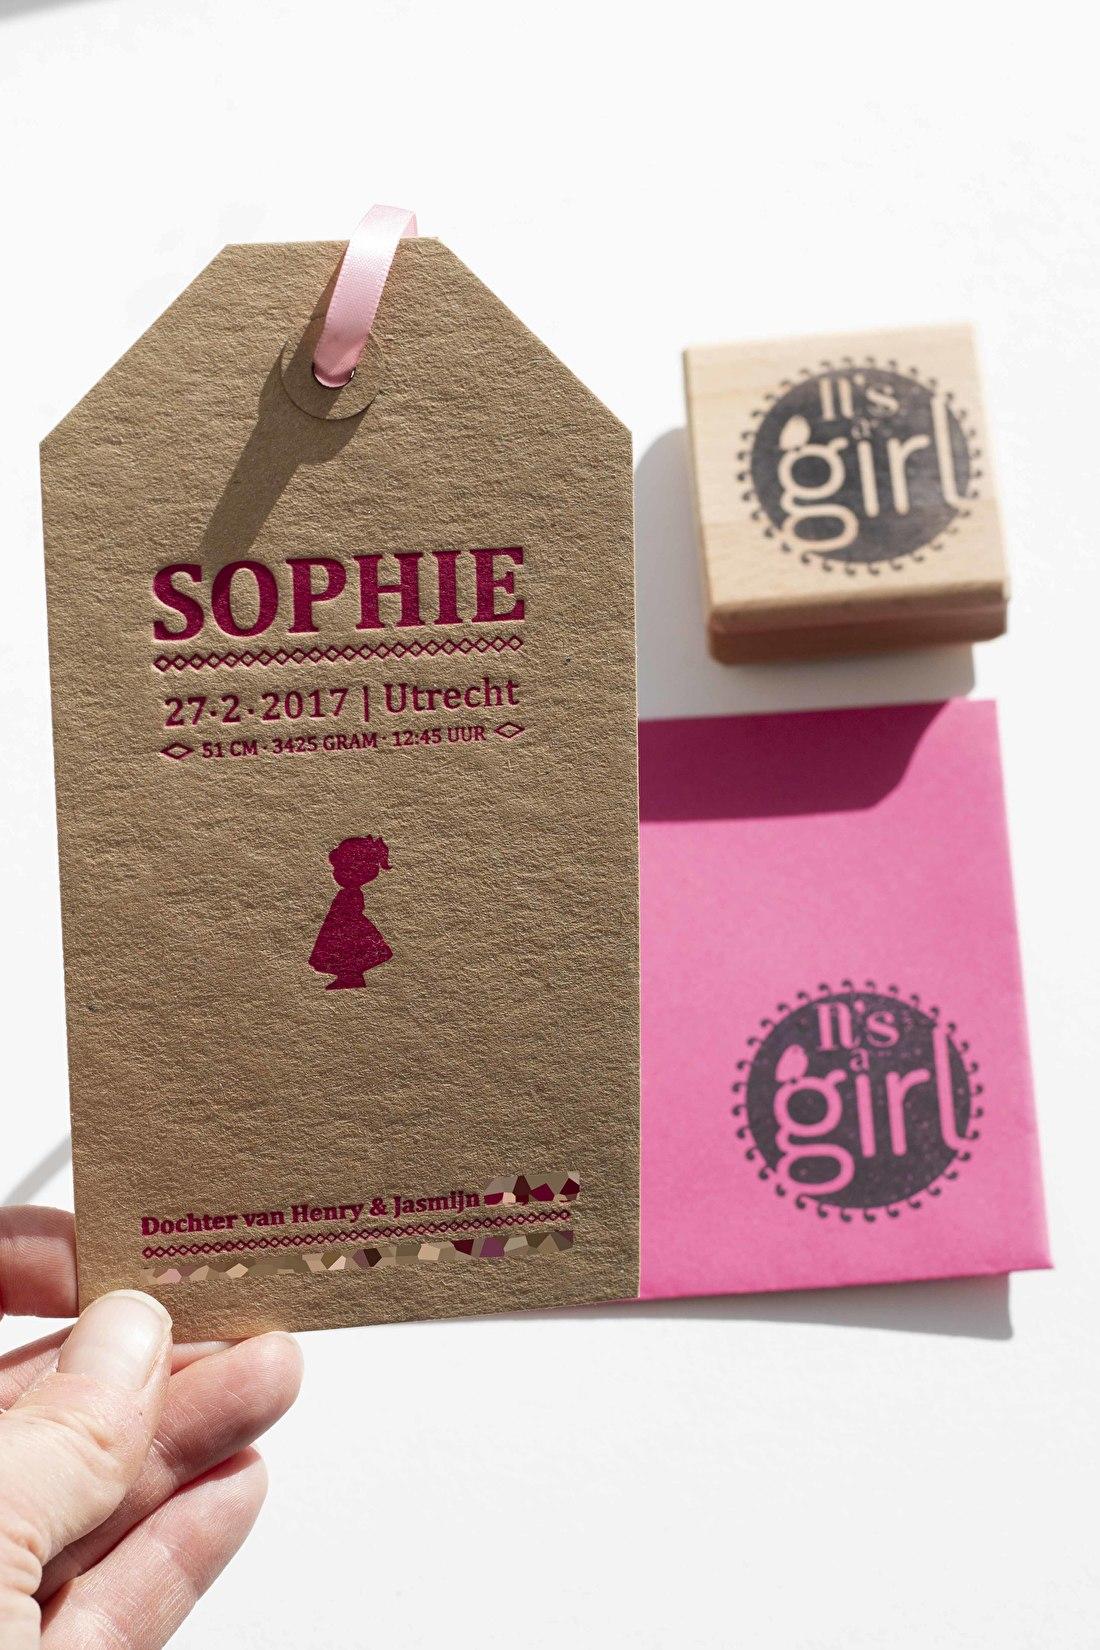 geboortekaartje letterpress, goedkoop, kraft papier, folie mat roze, letterpress, macho wild, It's a air